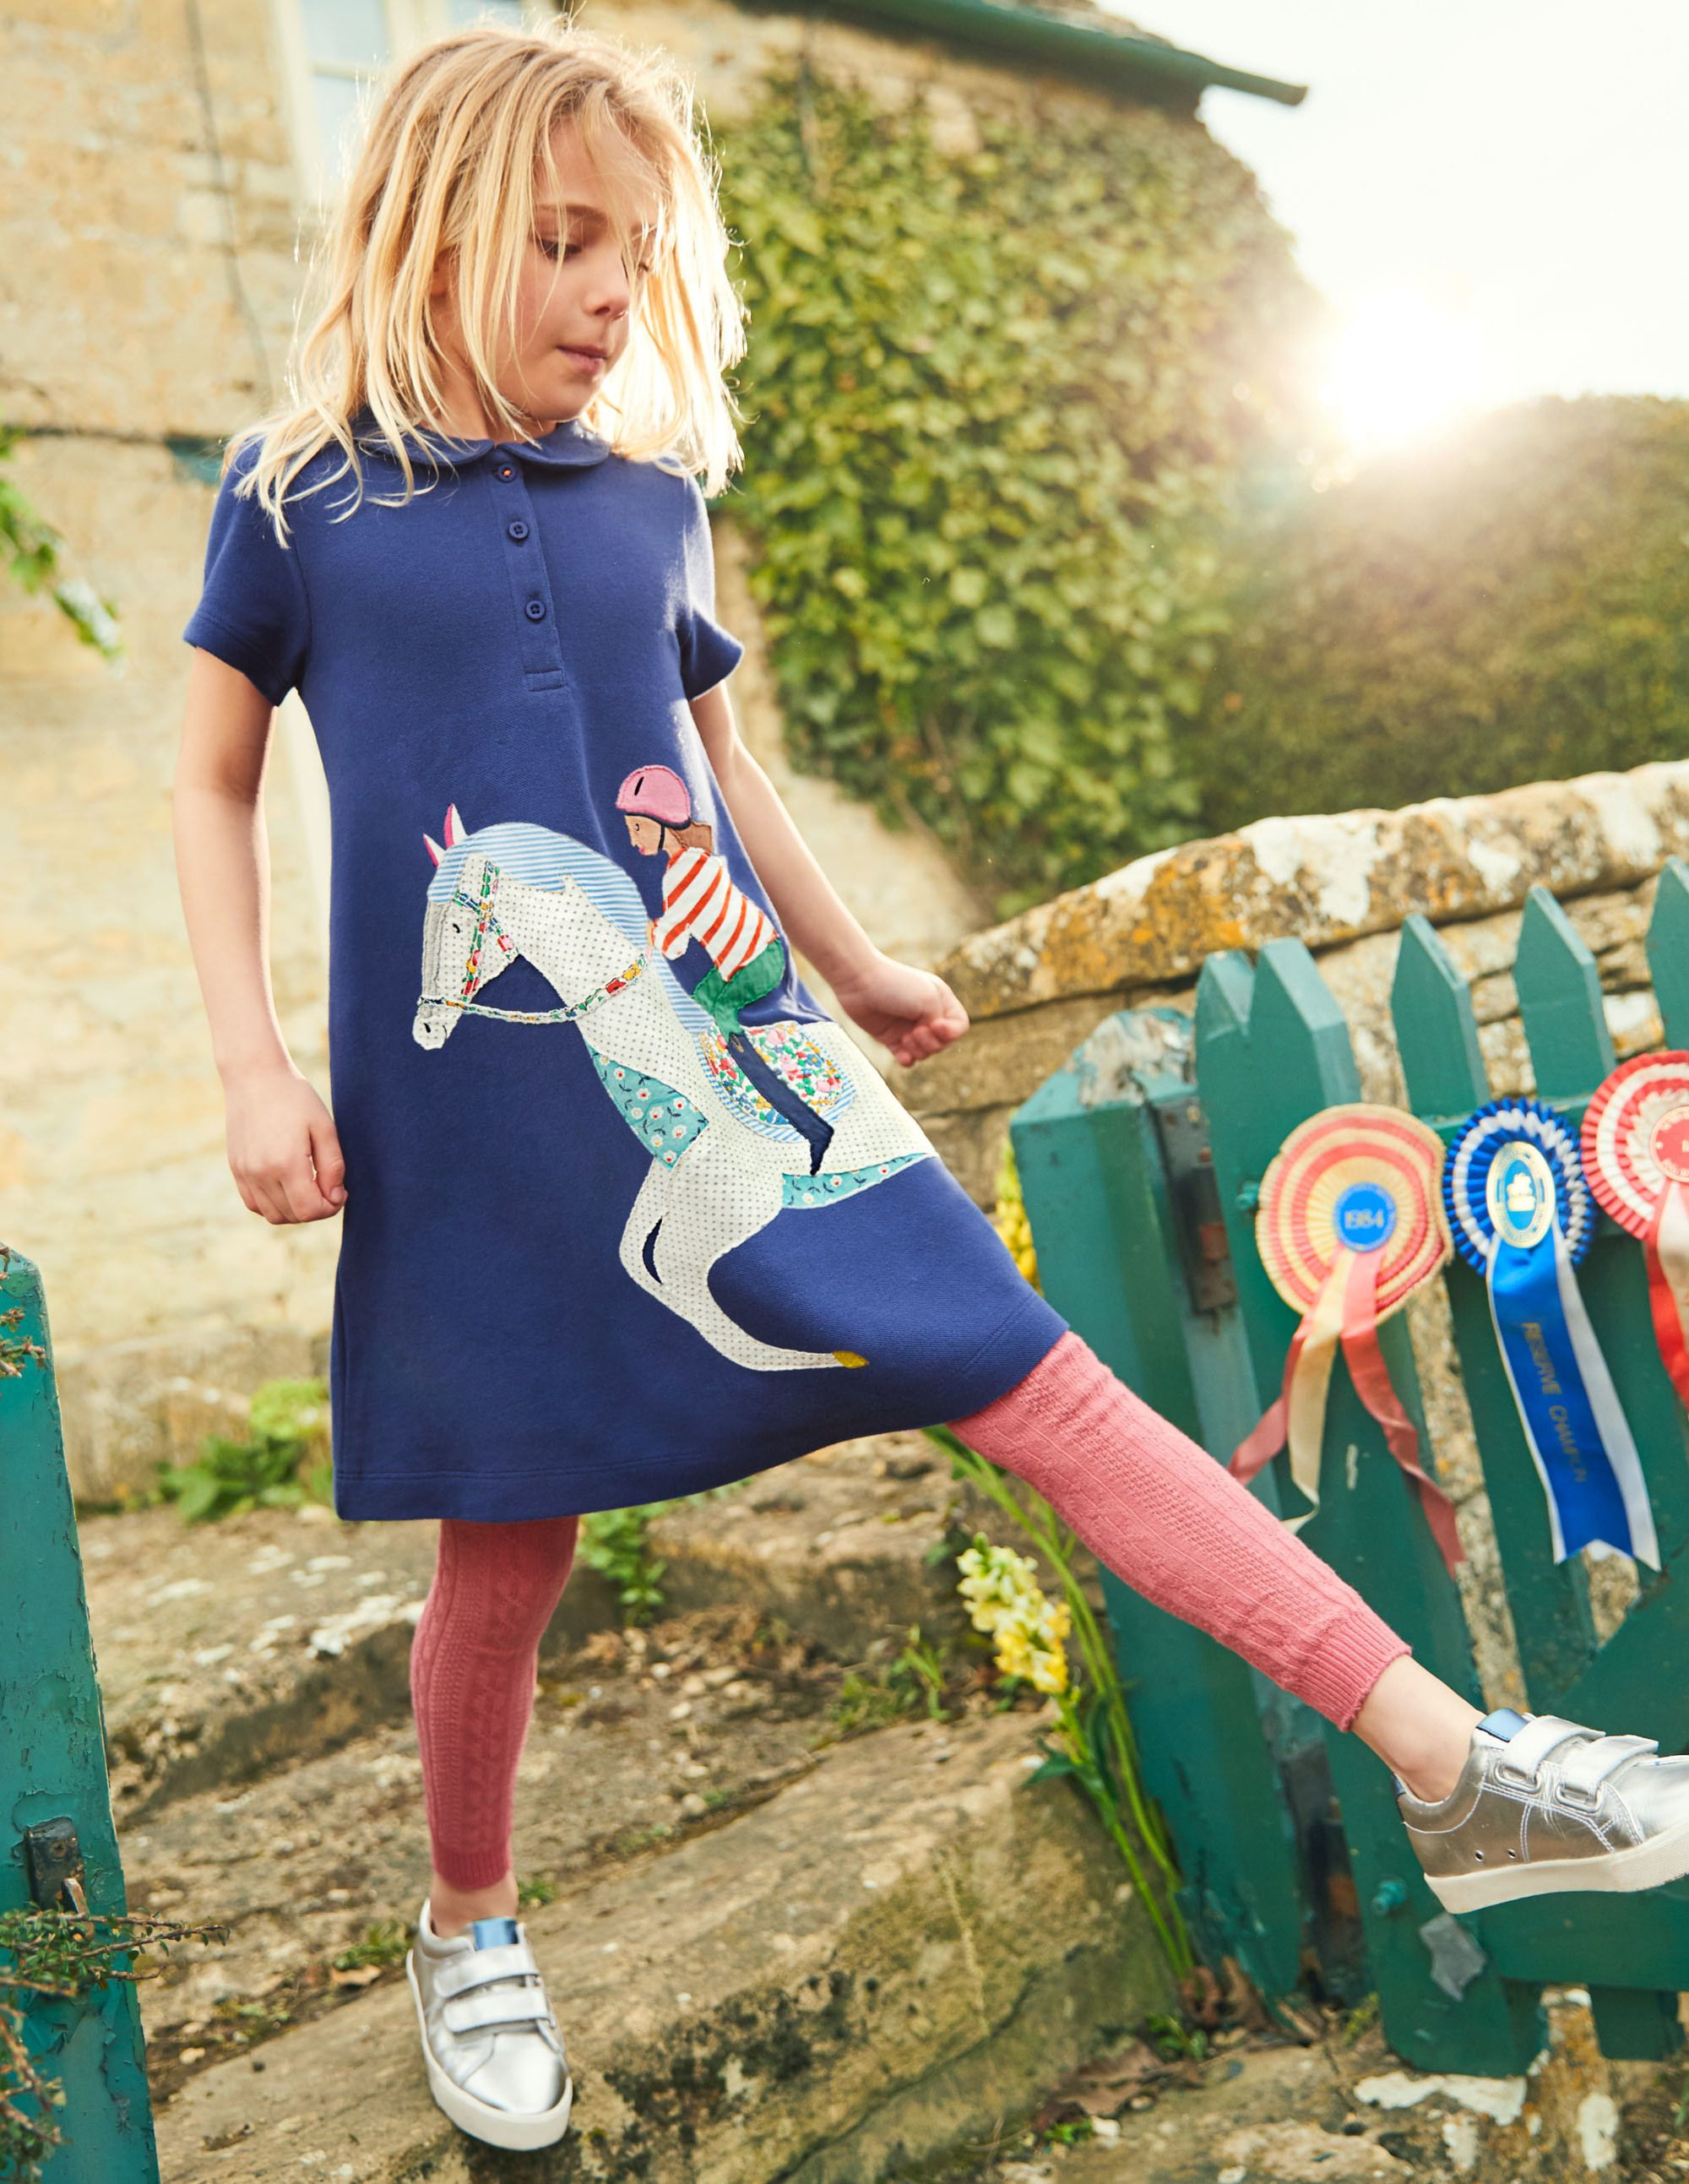 cf0a12161f89 Big Appliqué Polo Dress G0638 Dresses at Boden